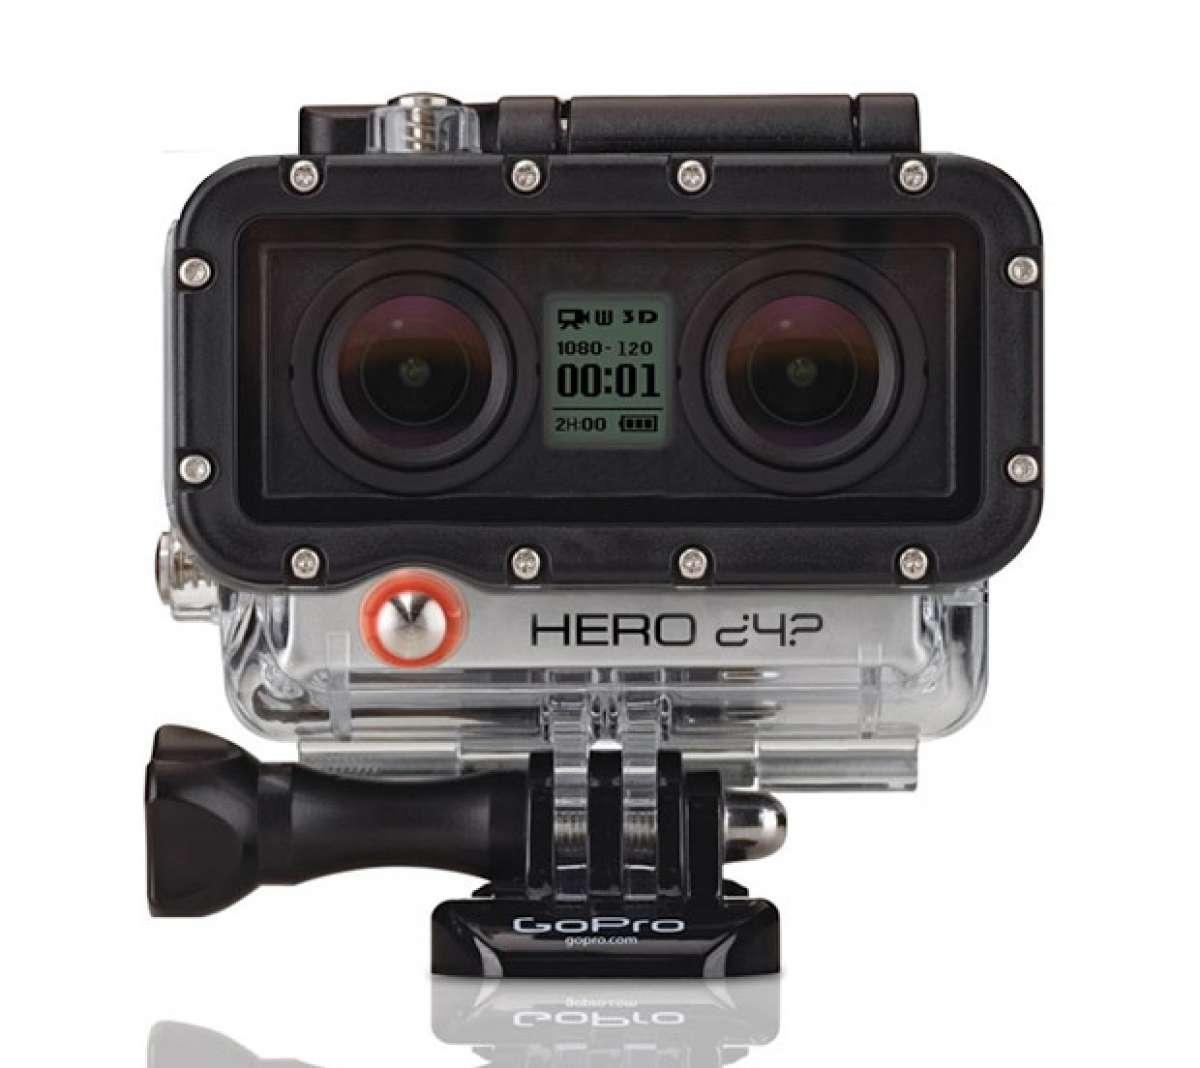 Sorpresa, sorpresa: ¿Nueva cámara GoPro HERO4 en el horizonte?